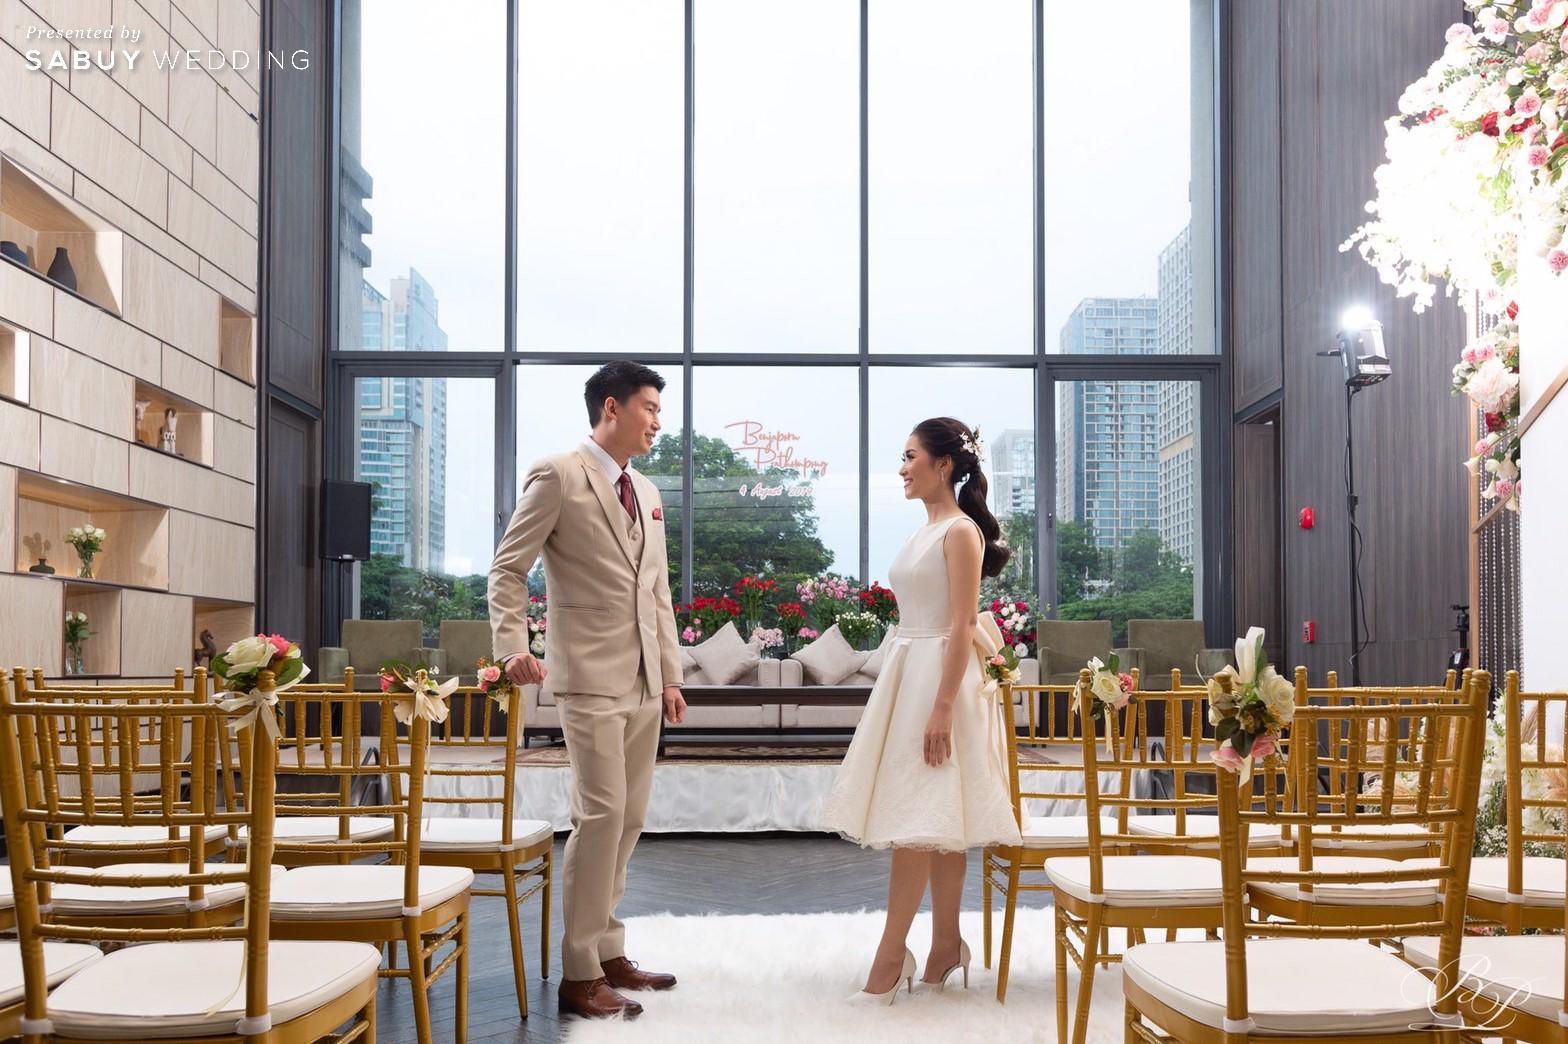 ตกแต่งสถานที่,ชุดเจ้าสาว,ชุดแต่งงาน,โรงแรม,Bliston รีวิวงานแต่ง Backdrop สวนสวย ด้วยห้องจัดเลี้ยงแสงธรรมชาติ @ Bliston Suwan Park View Hotel